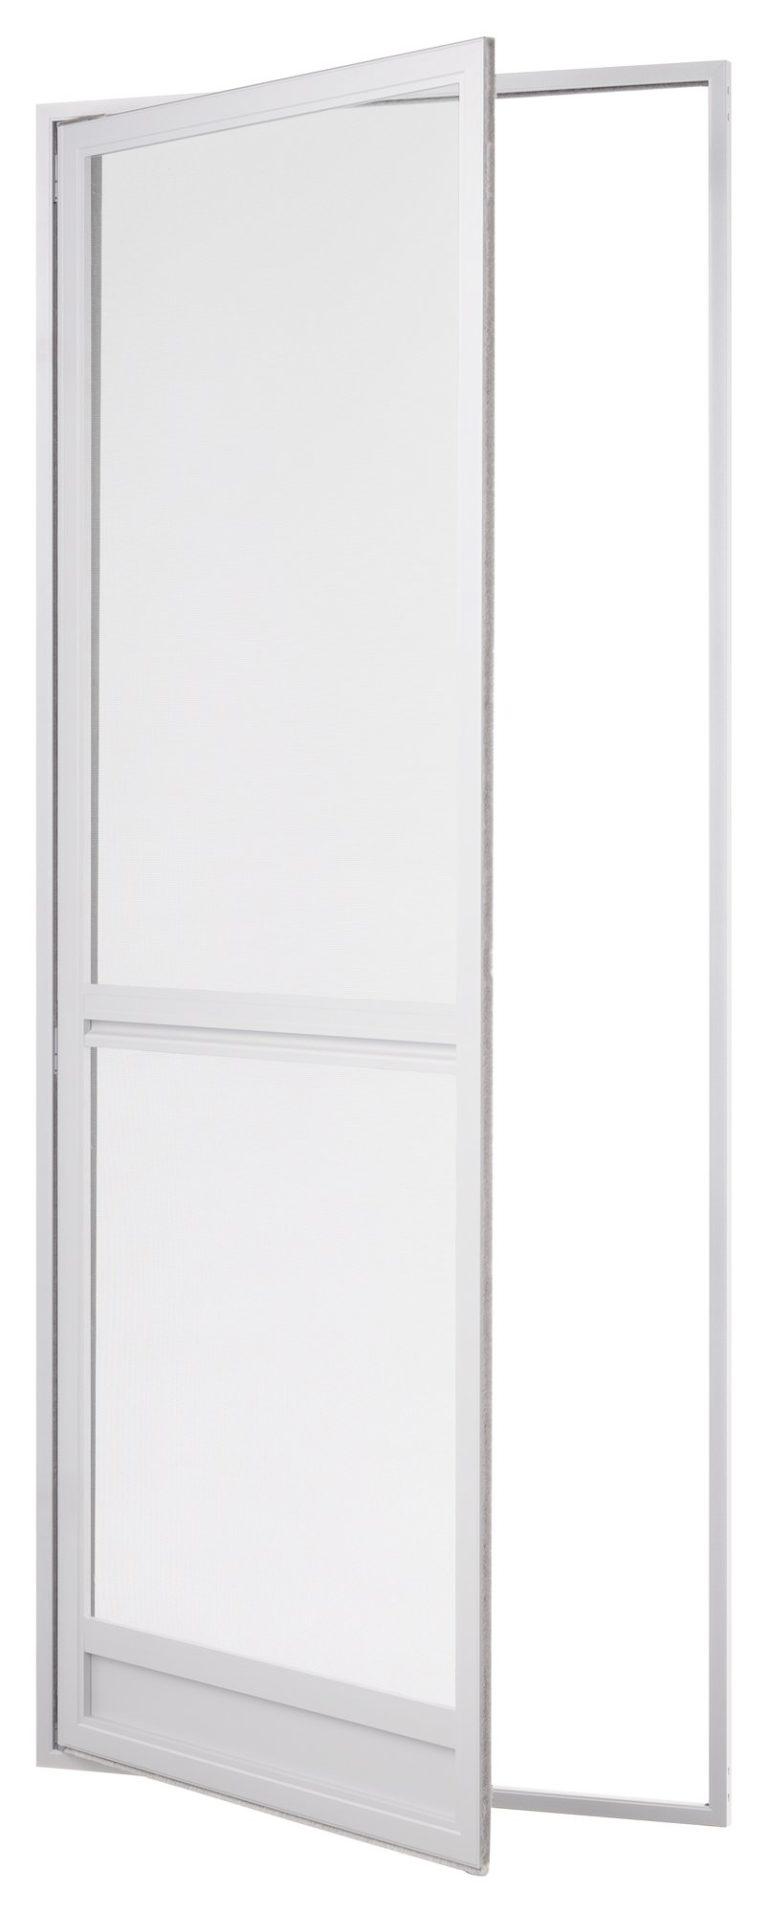 Insektenschutz Tür mit umlaufenden Rahmen